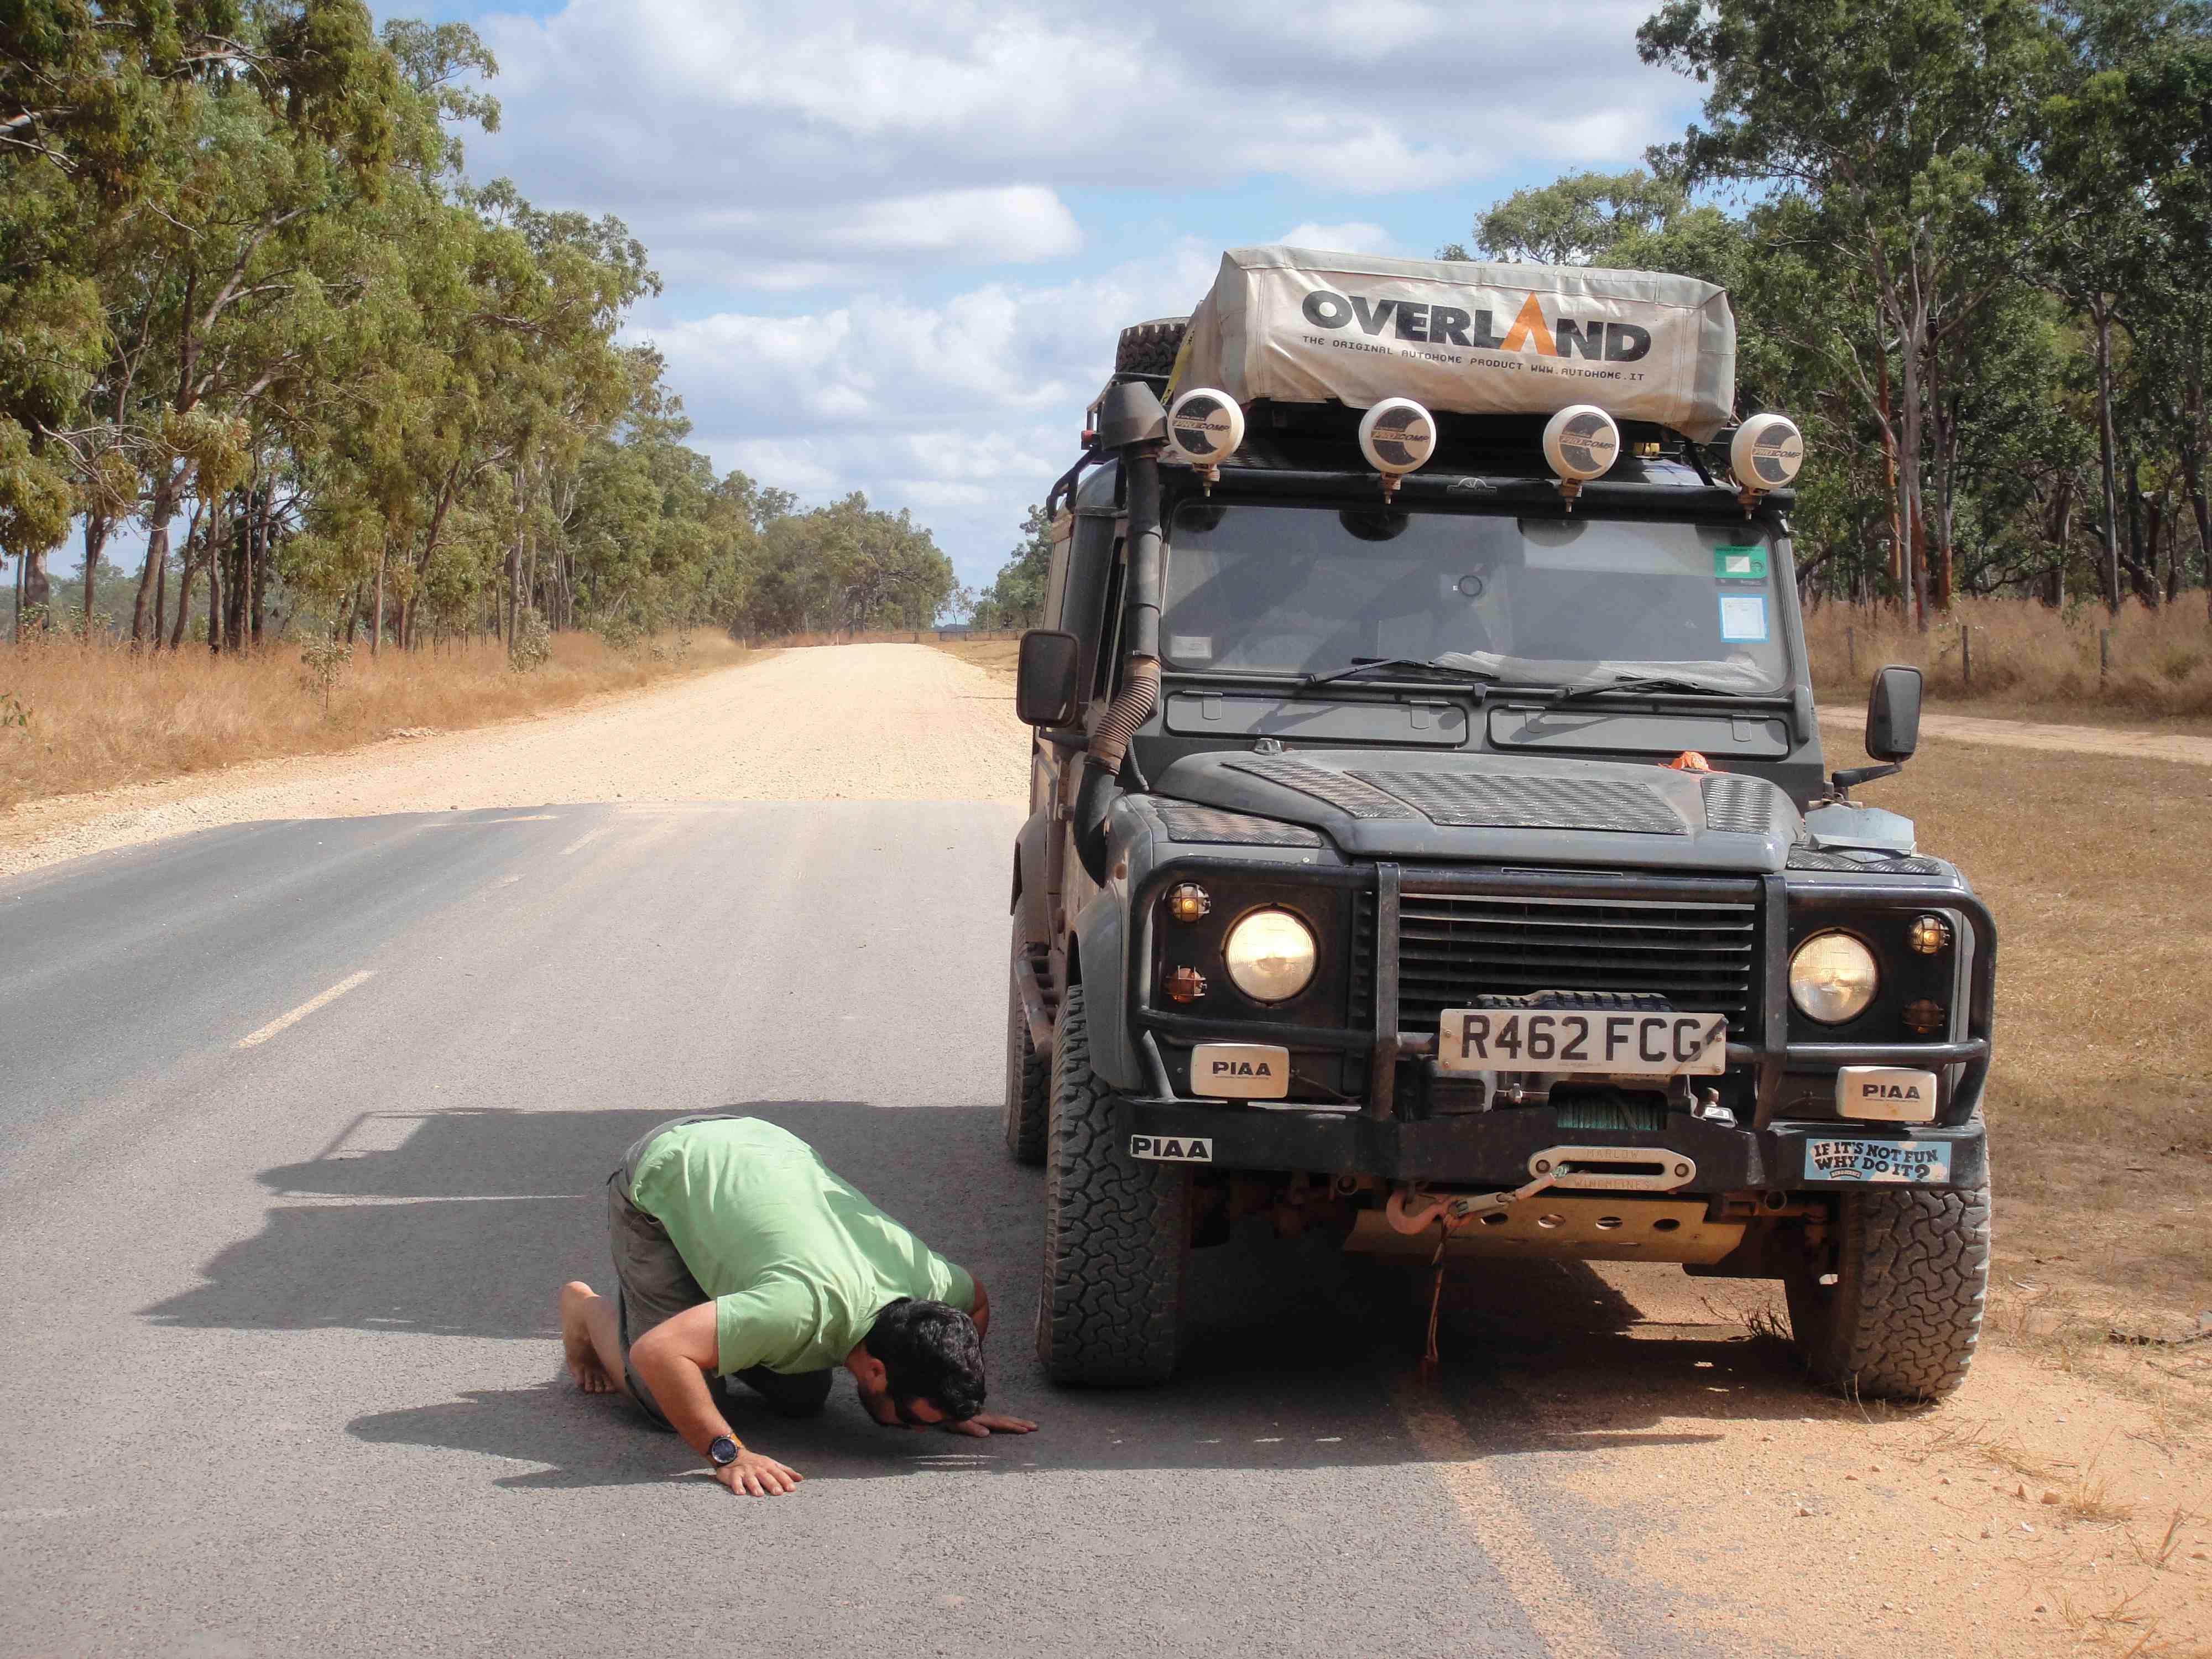 Land Rover Defender 130 Overland